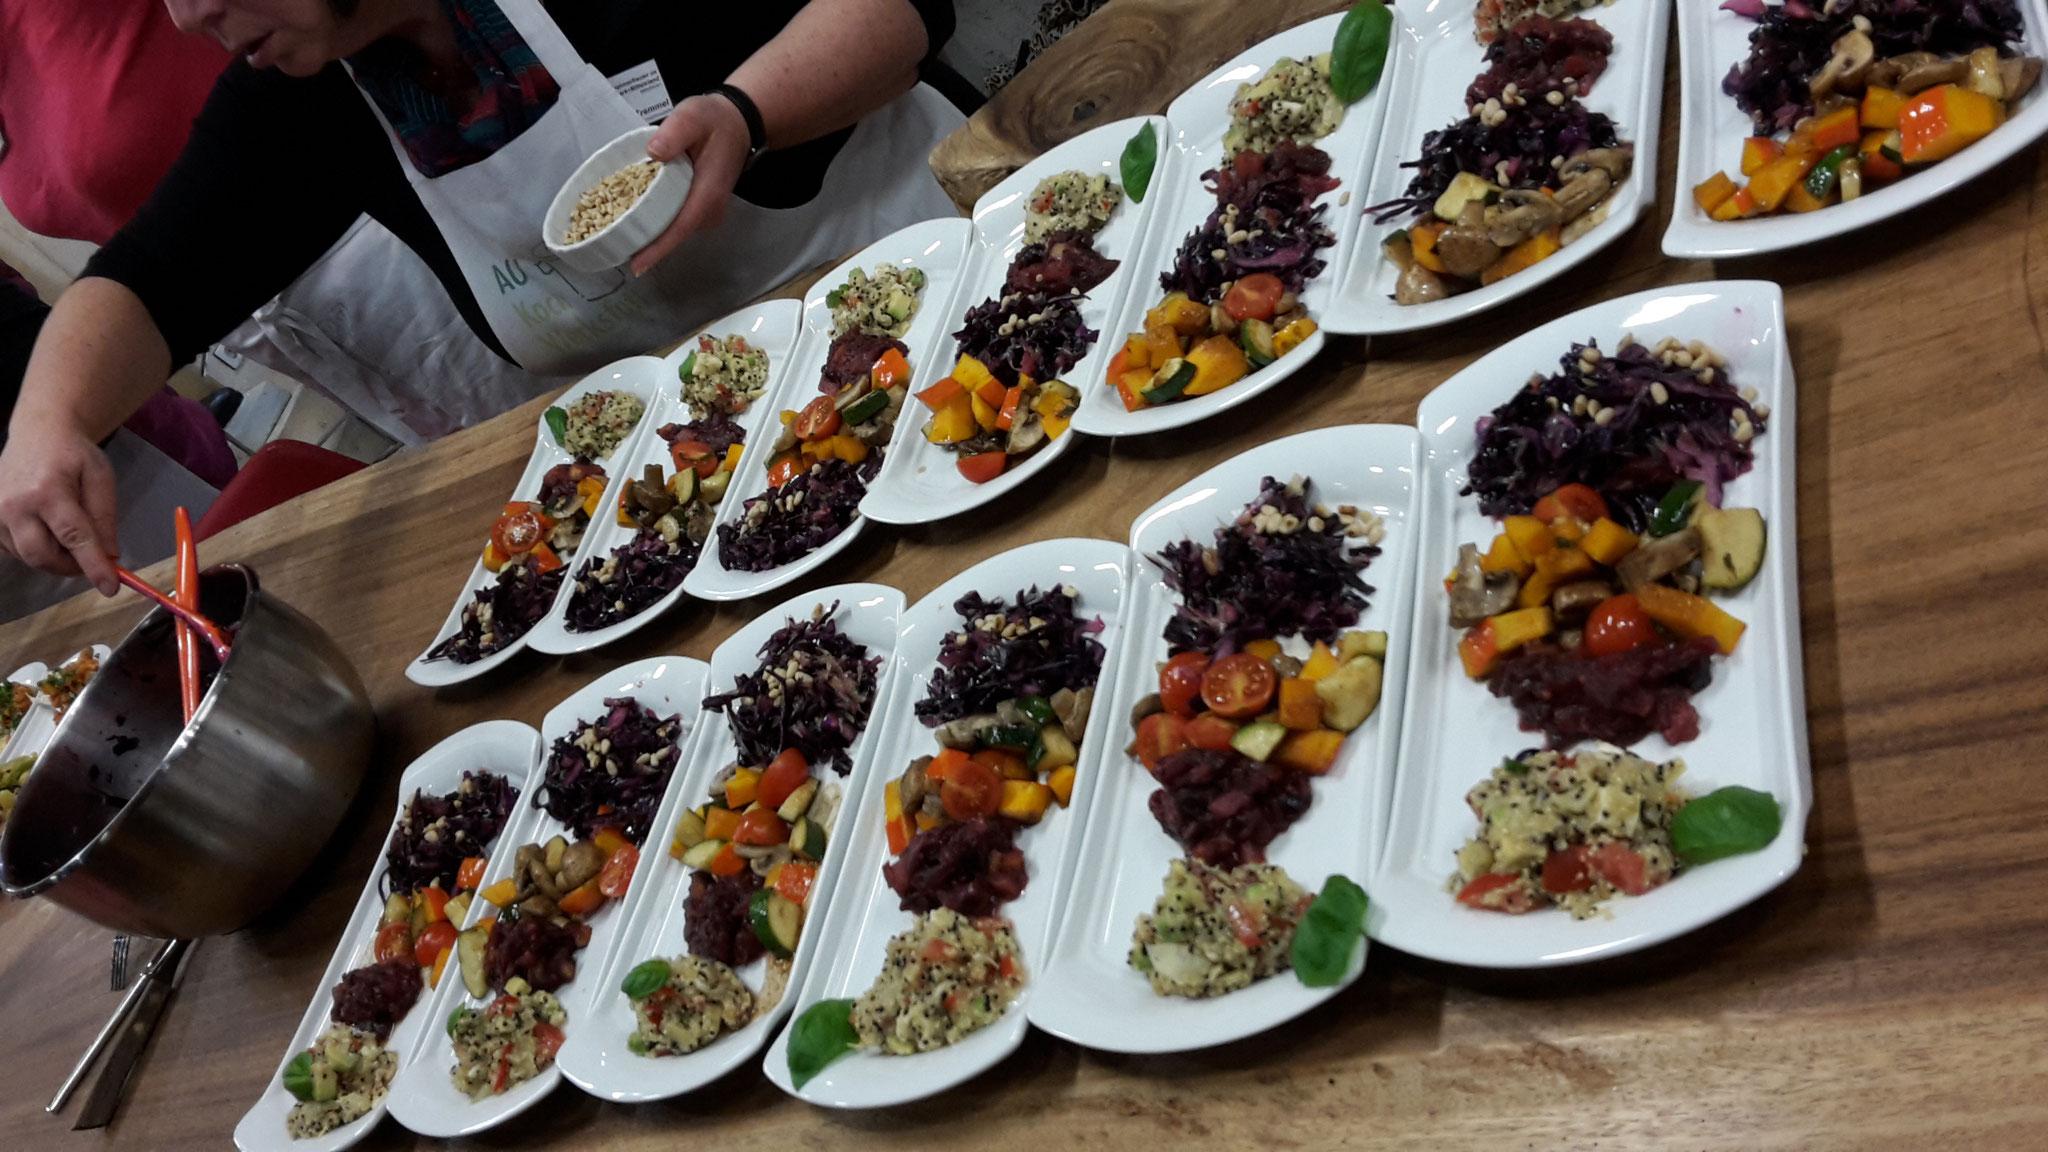 11-17 Basisch Kochen - nicht nur gesund: es schmeckte auch erstklassig